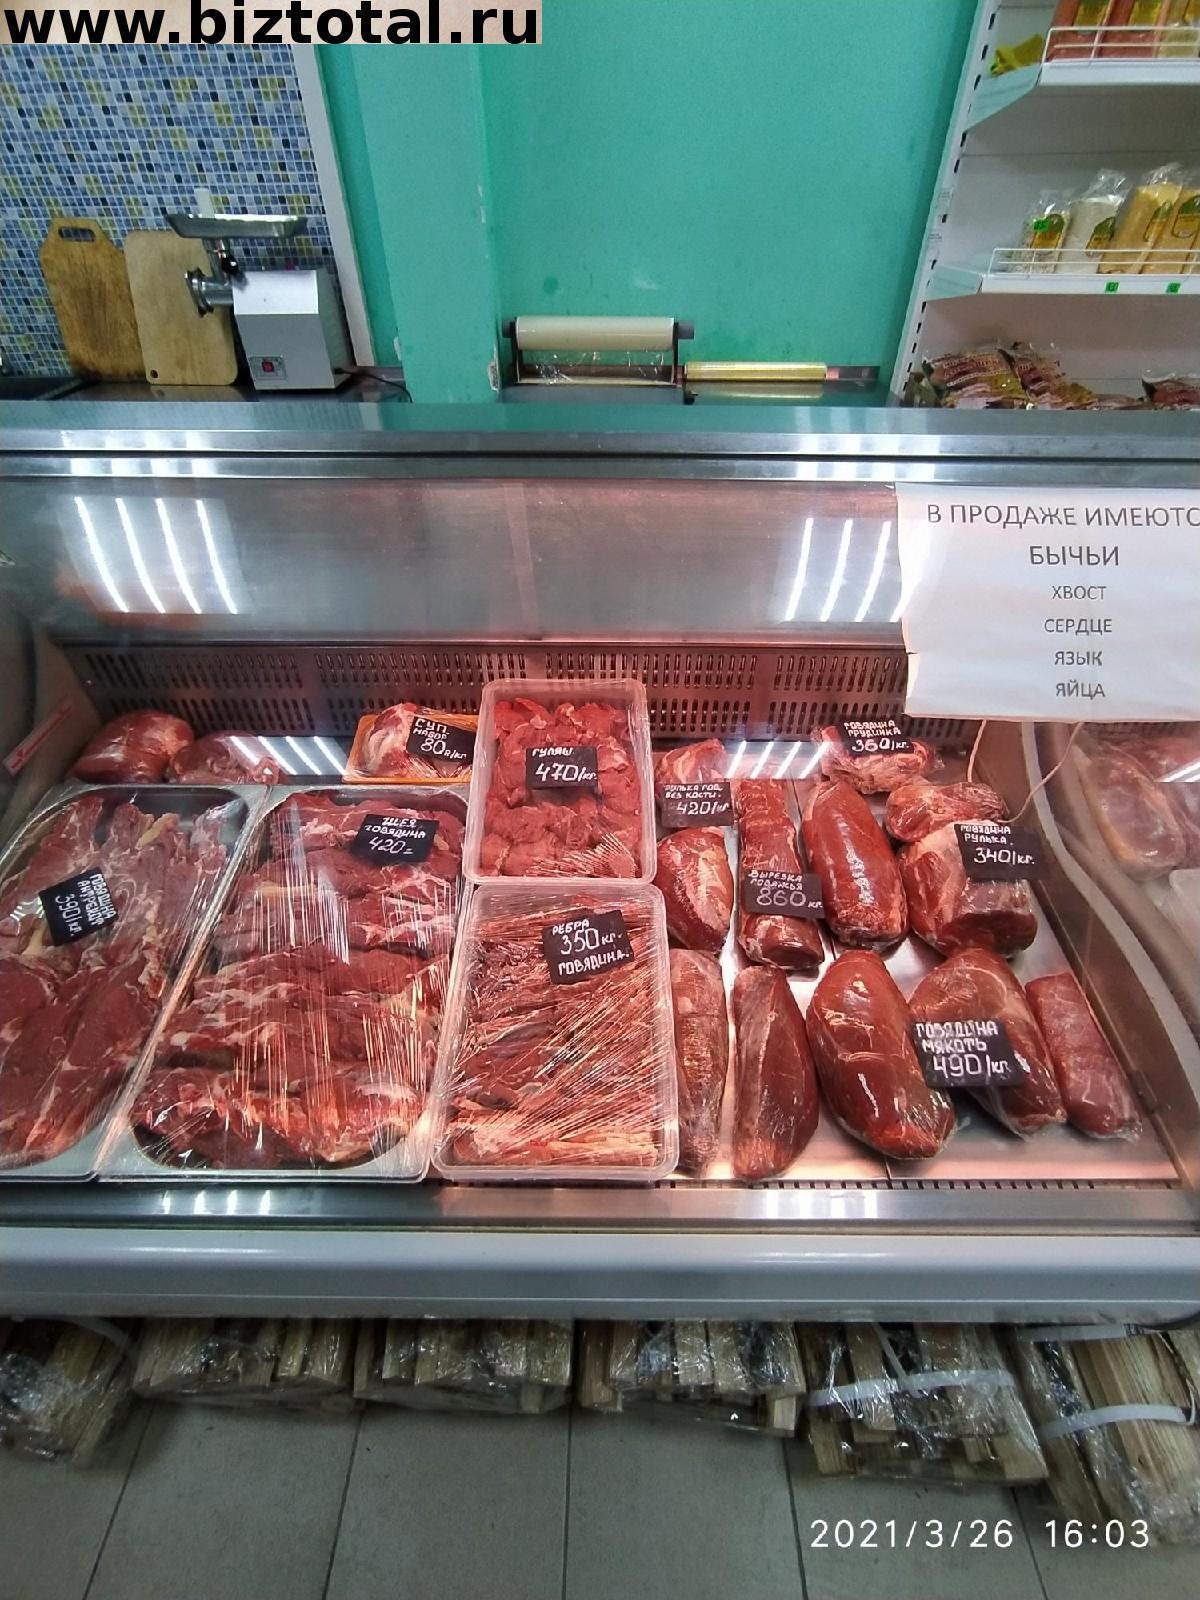 Фермерский магазин мяса